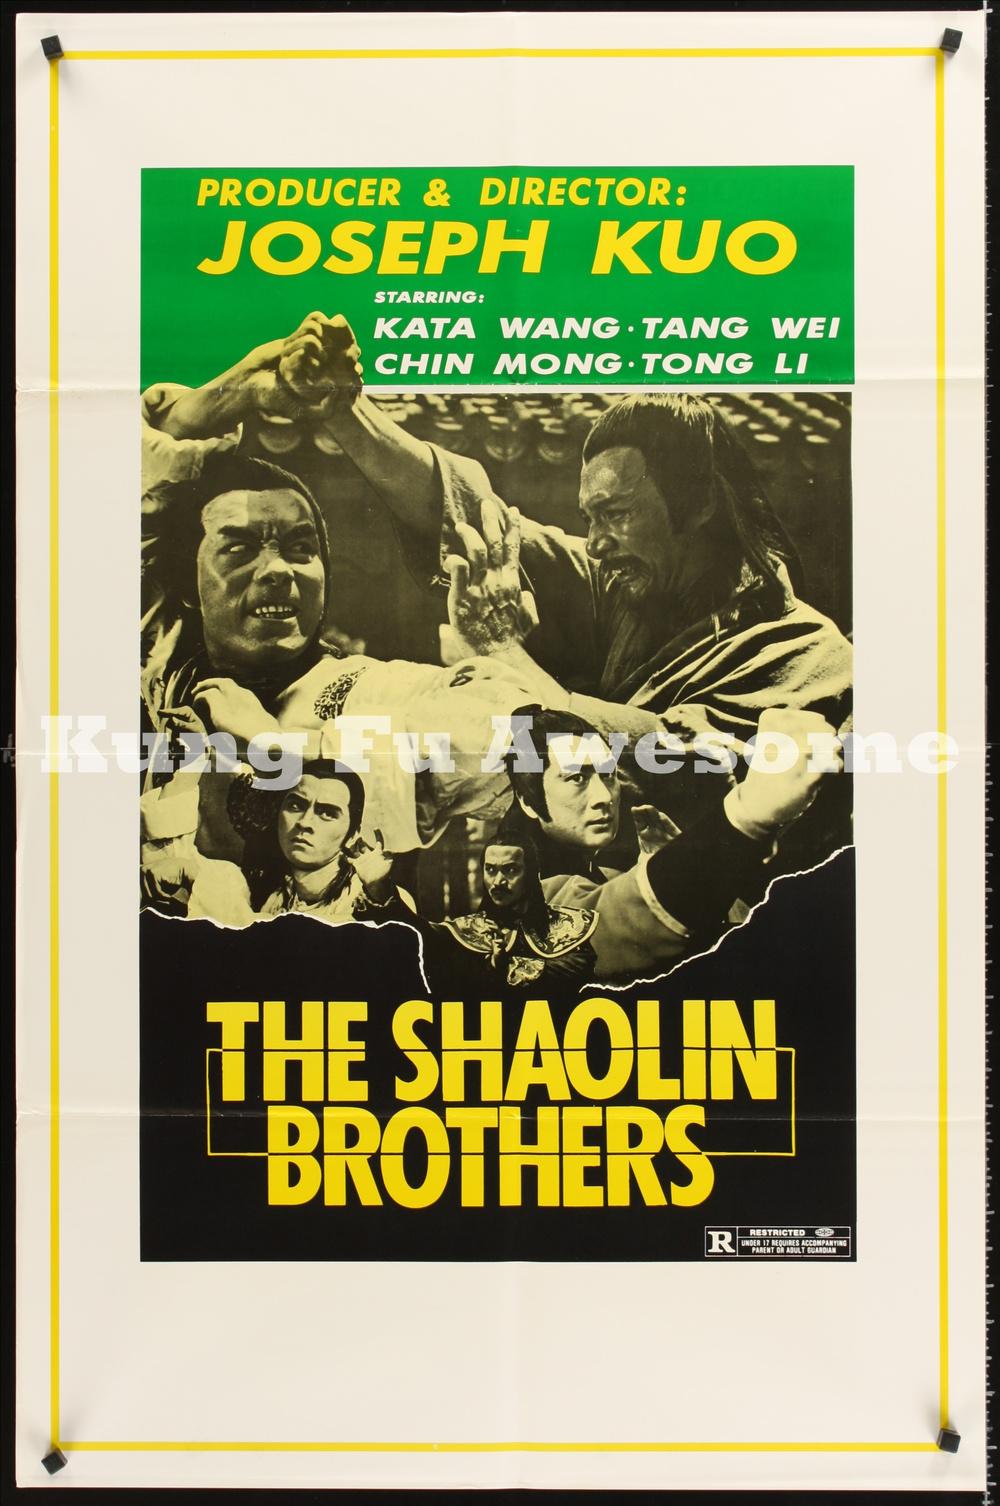 shaolin_brothers_JC01436_L.jpg